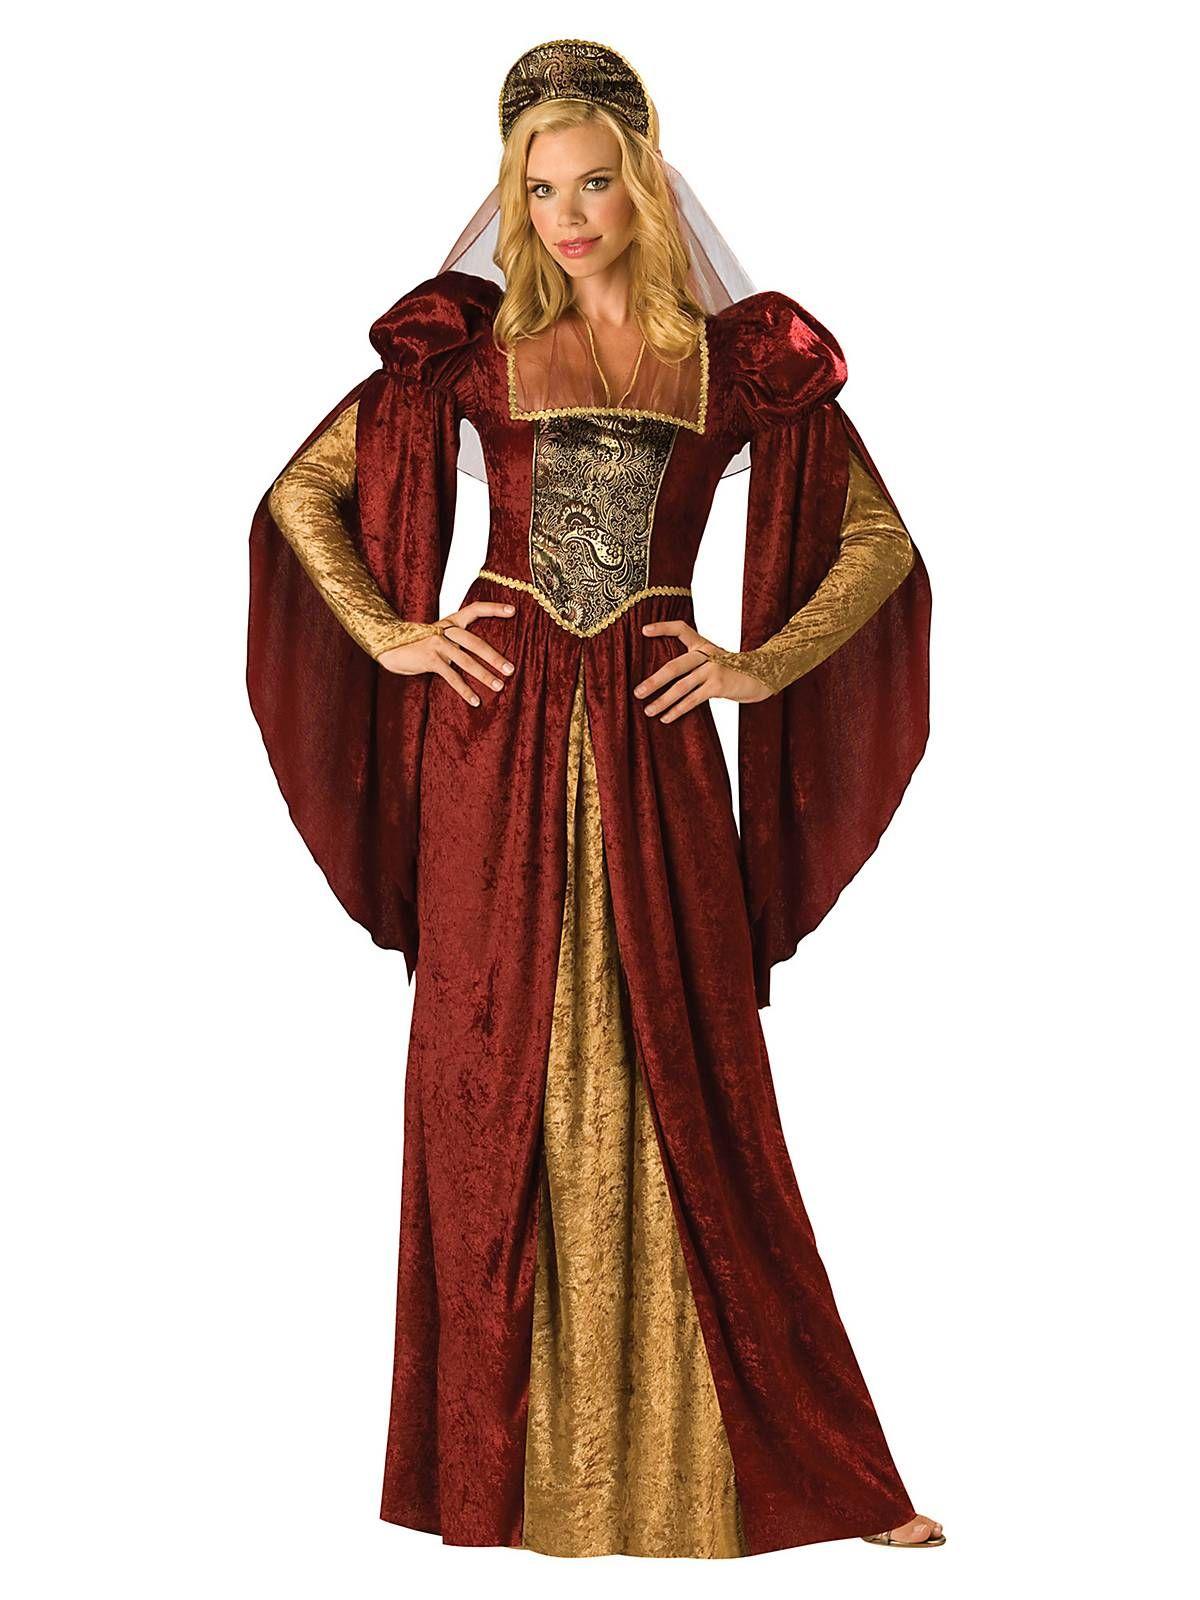 Adult Renaissance Maiden Costume | Cheap Renaissance Costumes for Women  sc 1 st  Pinterest & Adult Renaissance Maiden Costume | Cheap Renaissance Costumes for ...